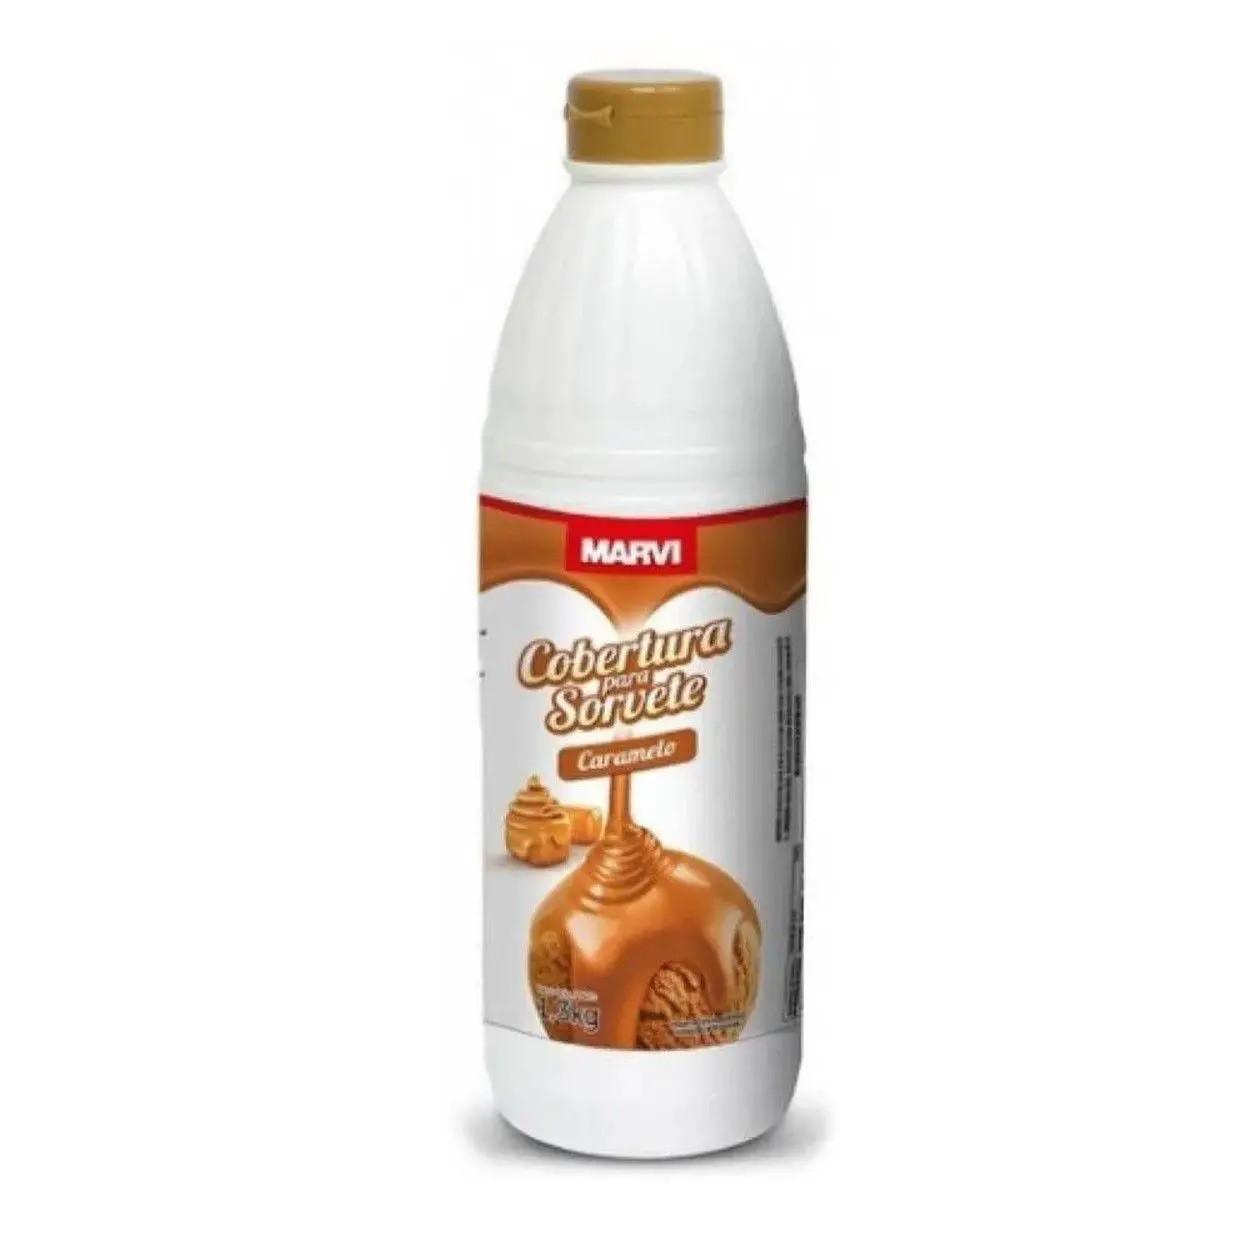 Cobertura Para Sorvete Sabor Caramelo 1,3kg - Marvi